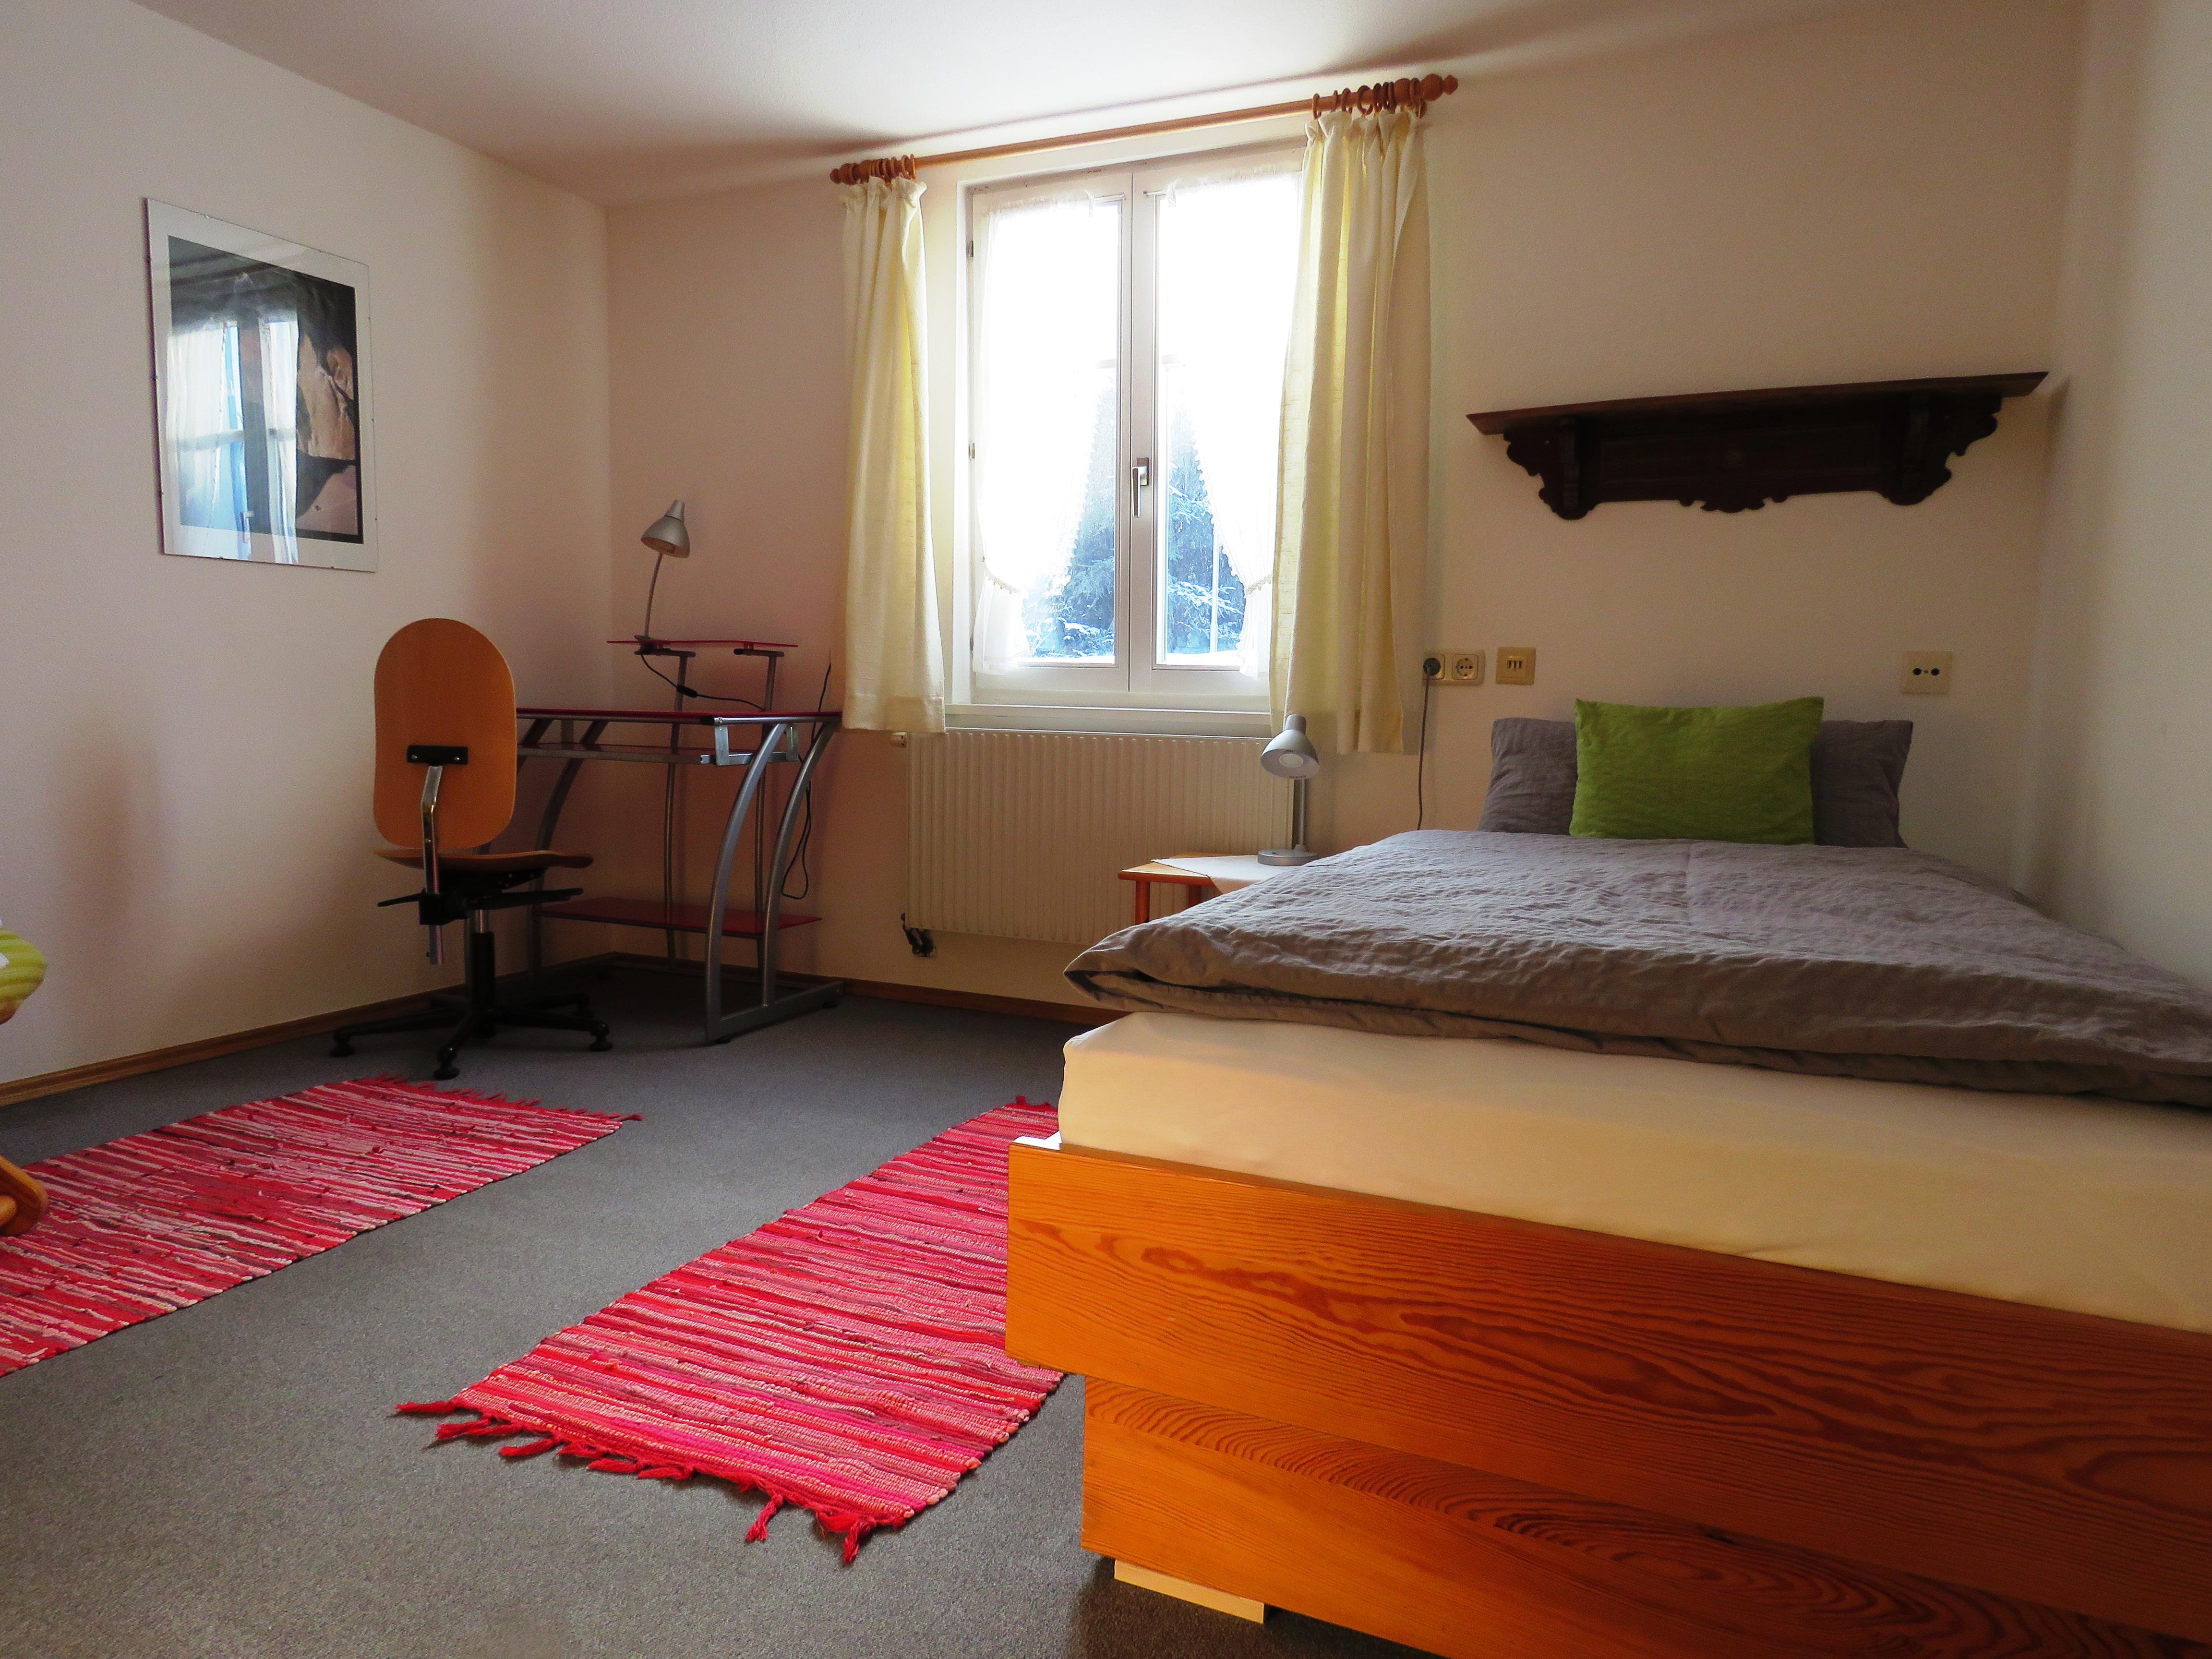 Zimmer 5, Einzelzimmer mit geteiltem Badezimmer